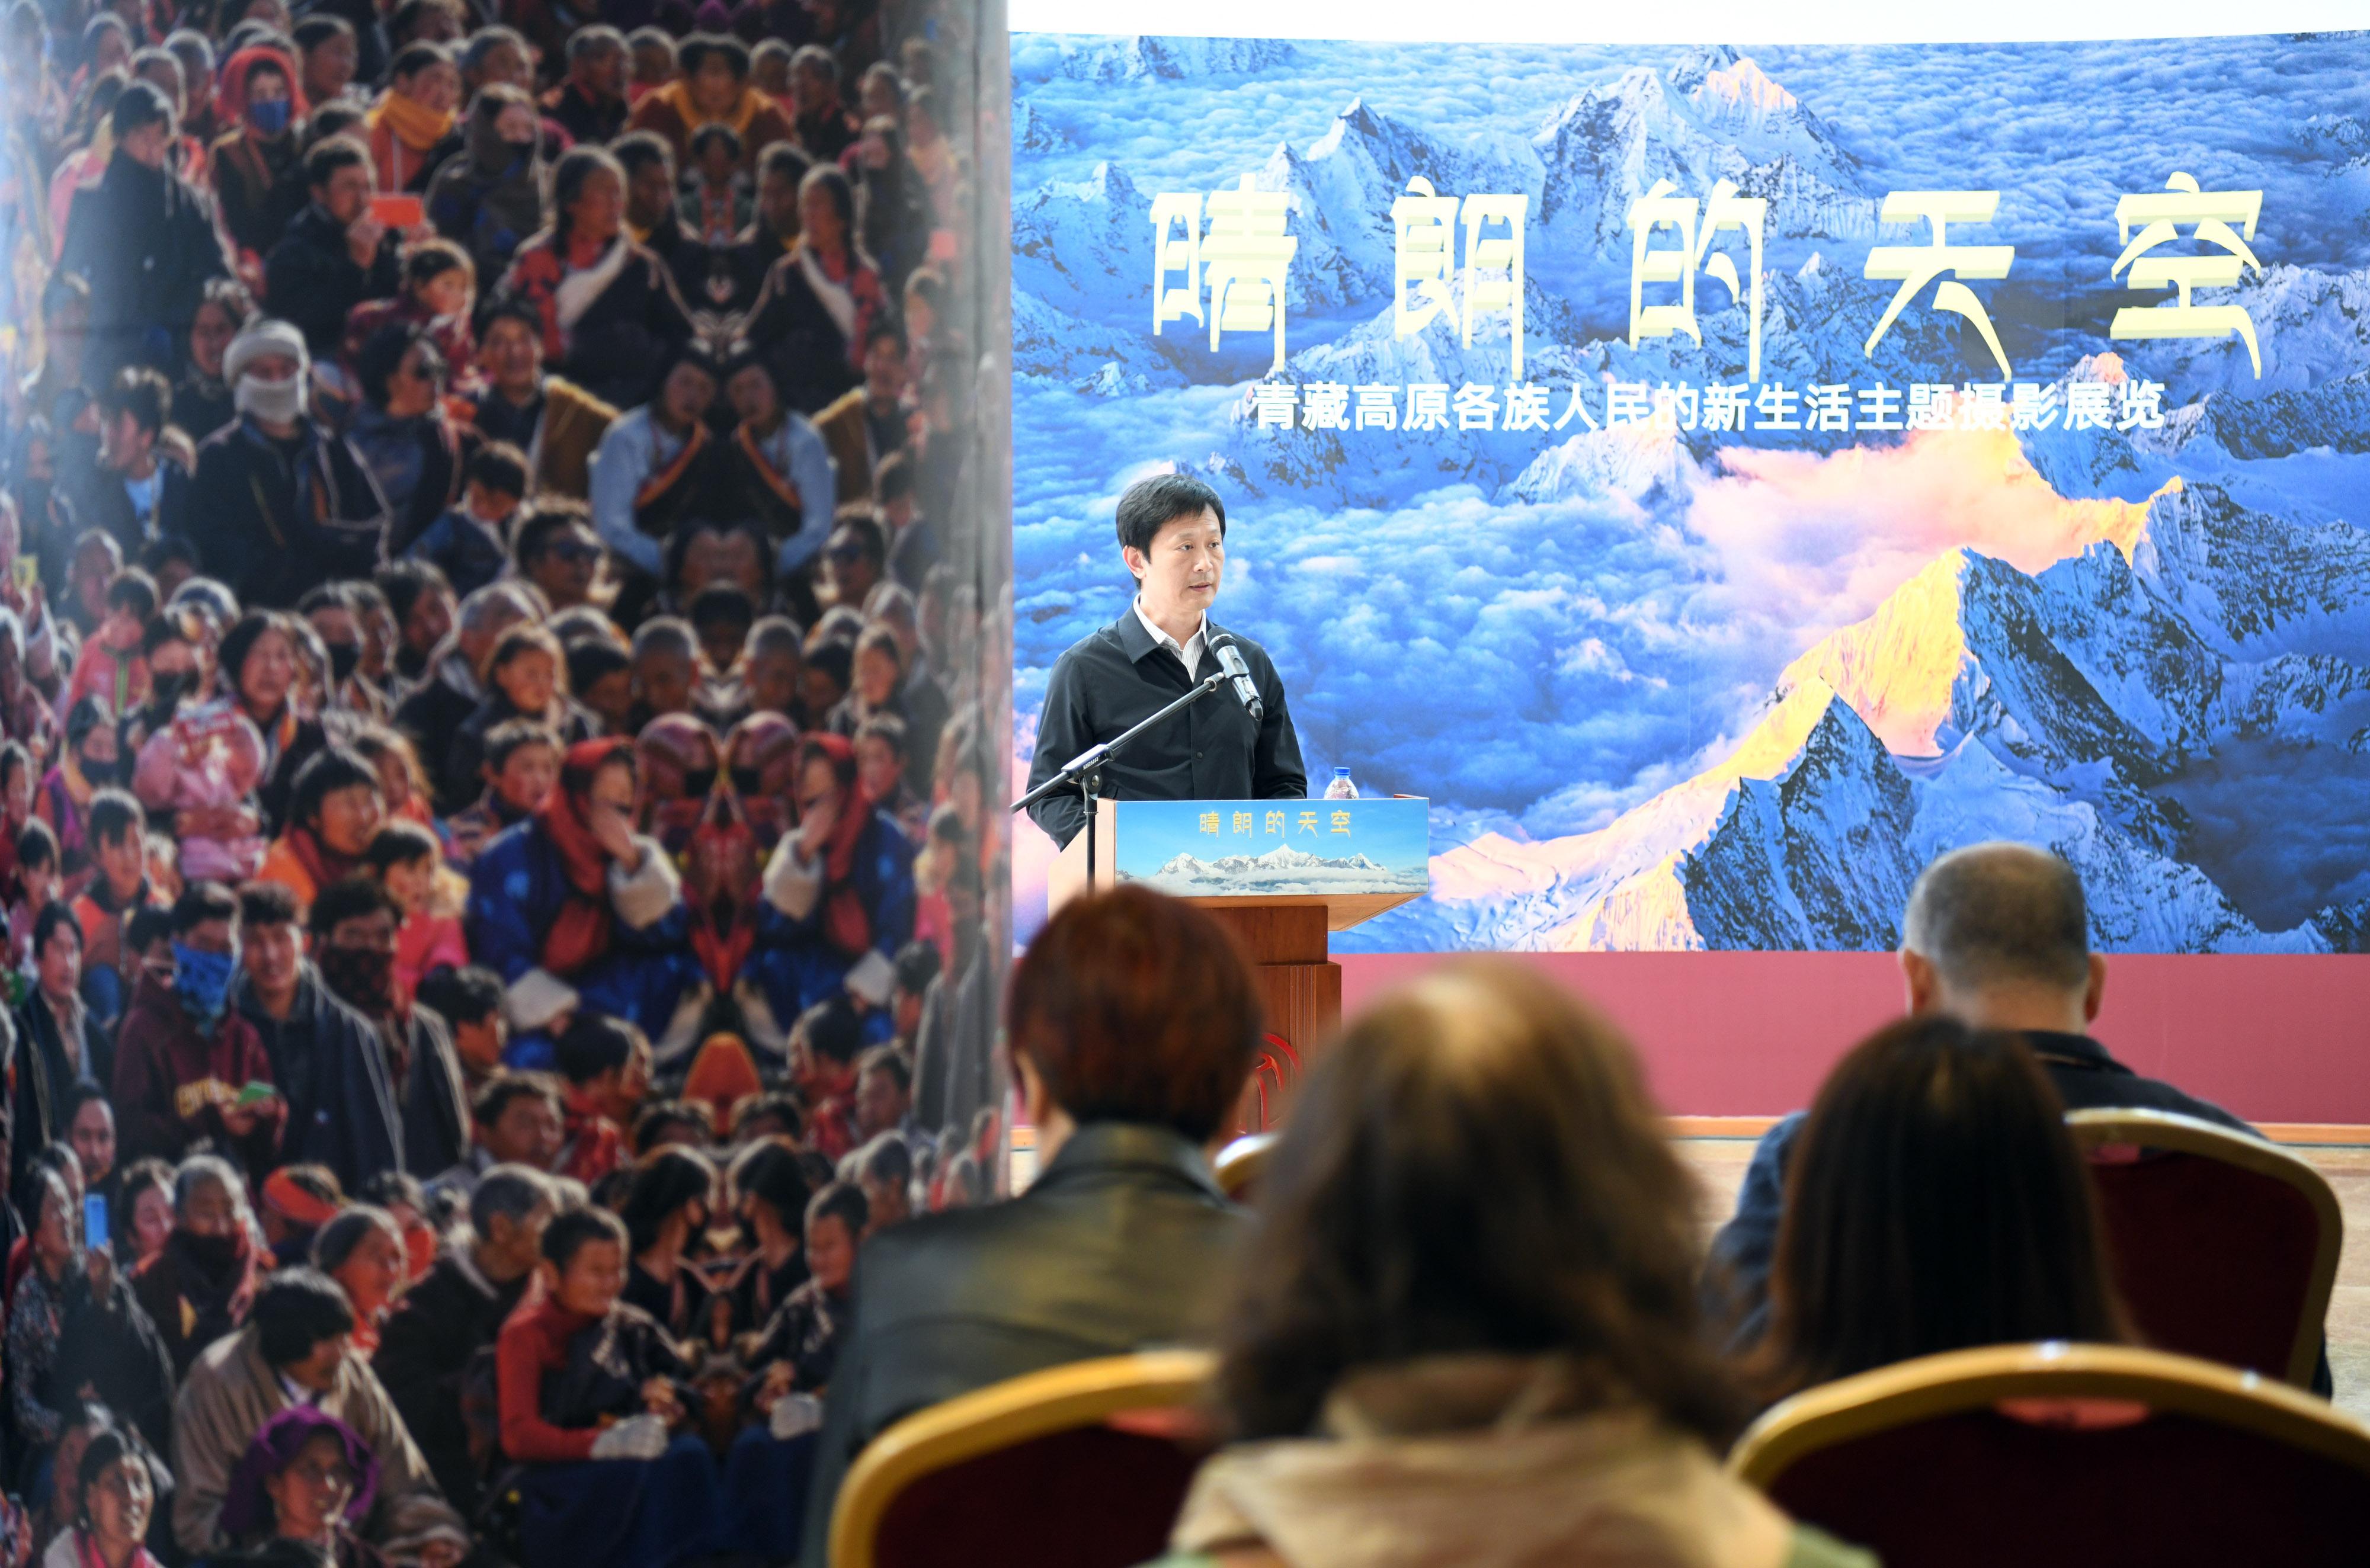 北京で青海チベット高原の各民族の新生活をテーマにした写真展